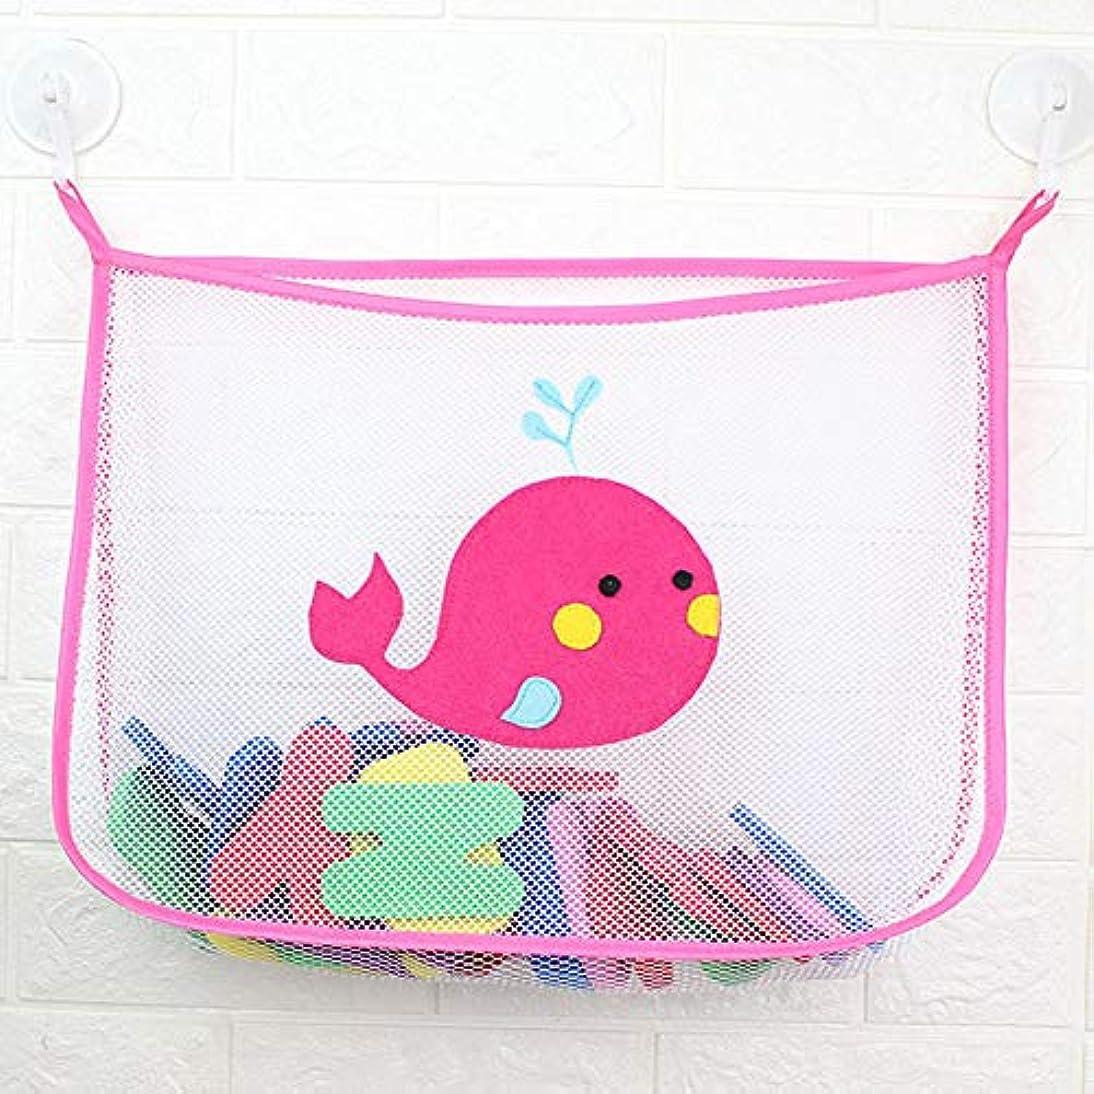 序文膨張する熱心なベビーシャワー風呂のおもちゃ小さなアヒル小さなカエルの赤ちゃん子供のおもちゃ収納メッシュで強い吸盤玩具バッグネット浴室オーガナイザー (ピンク)